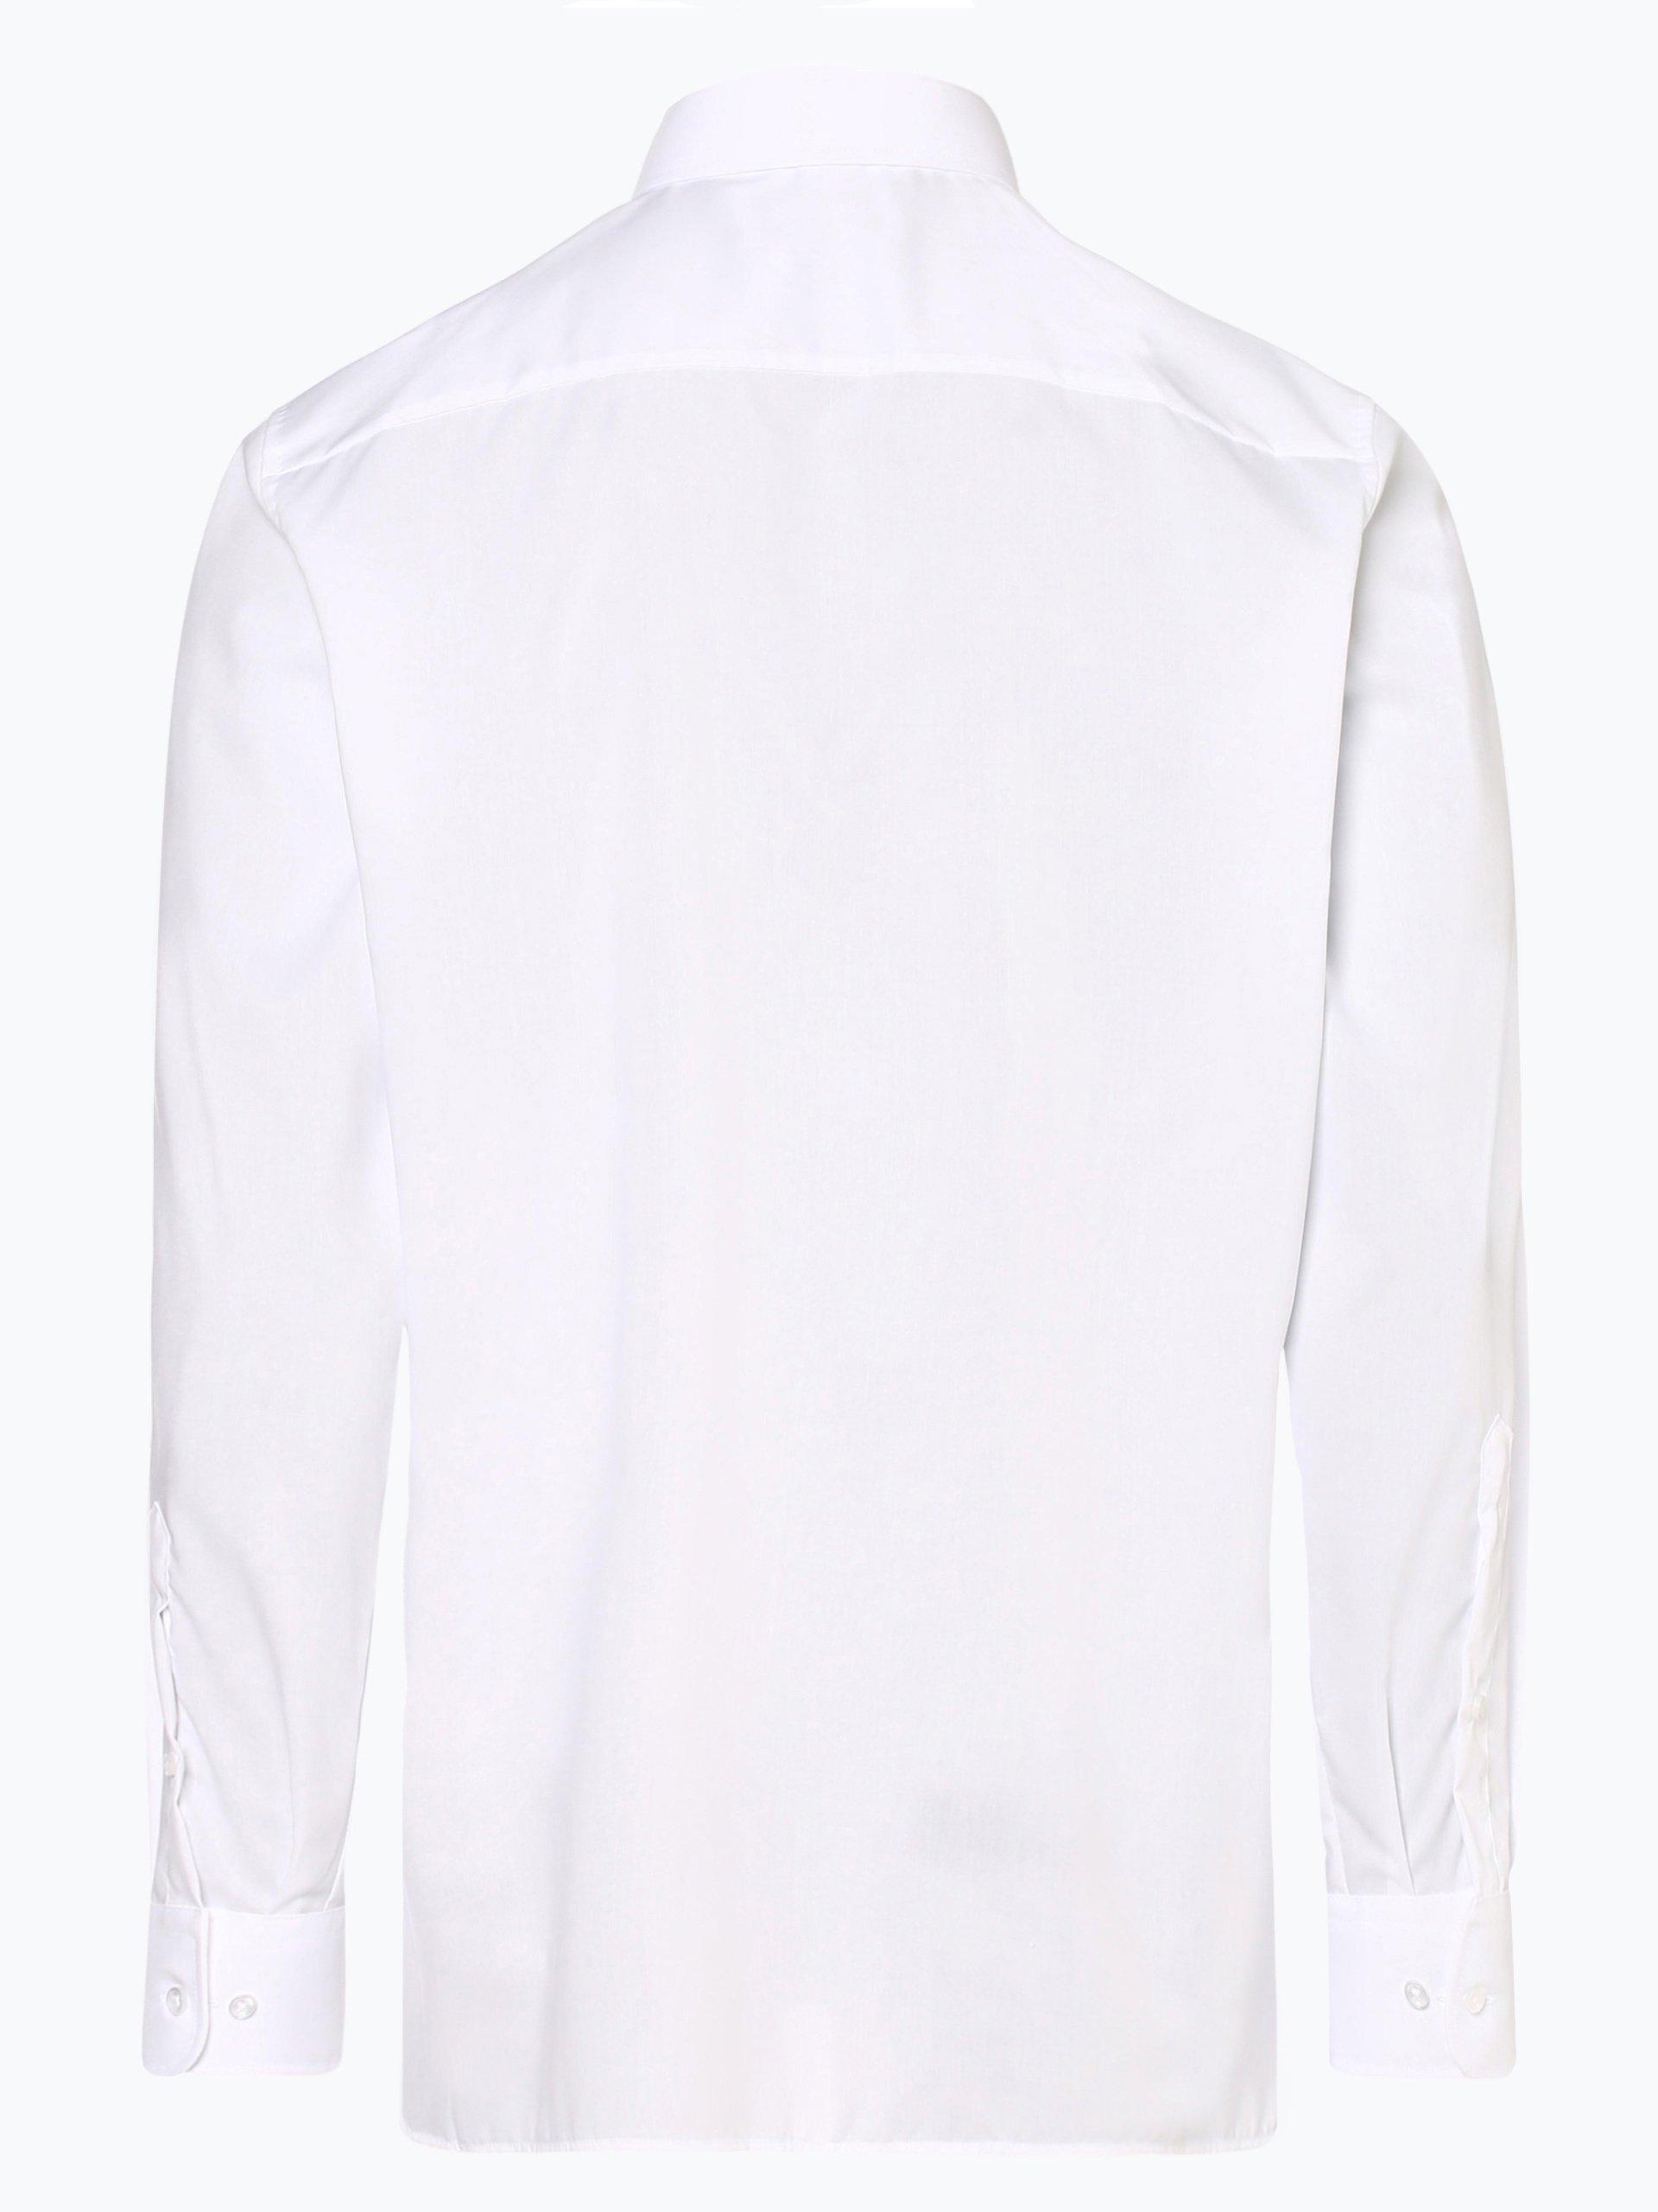 Andrew James New York Herren Hemd